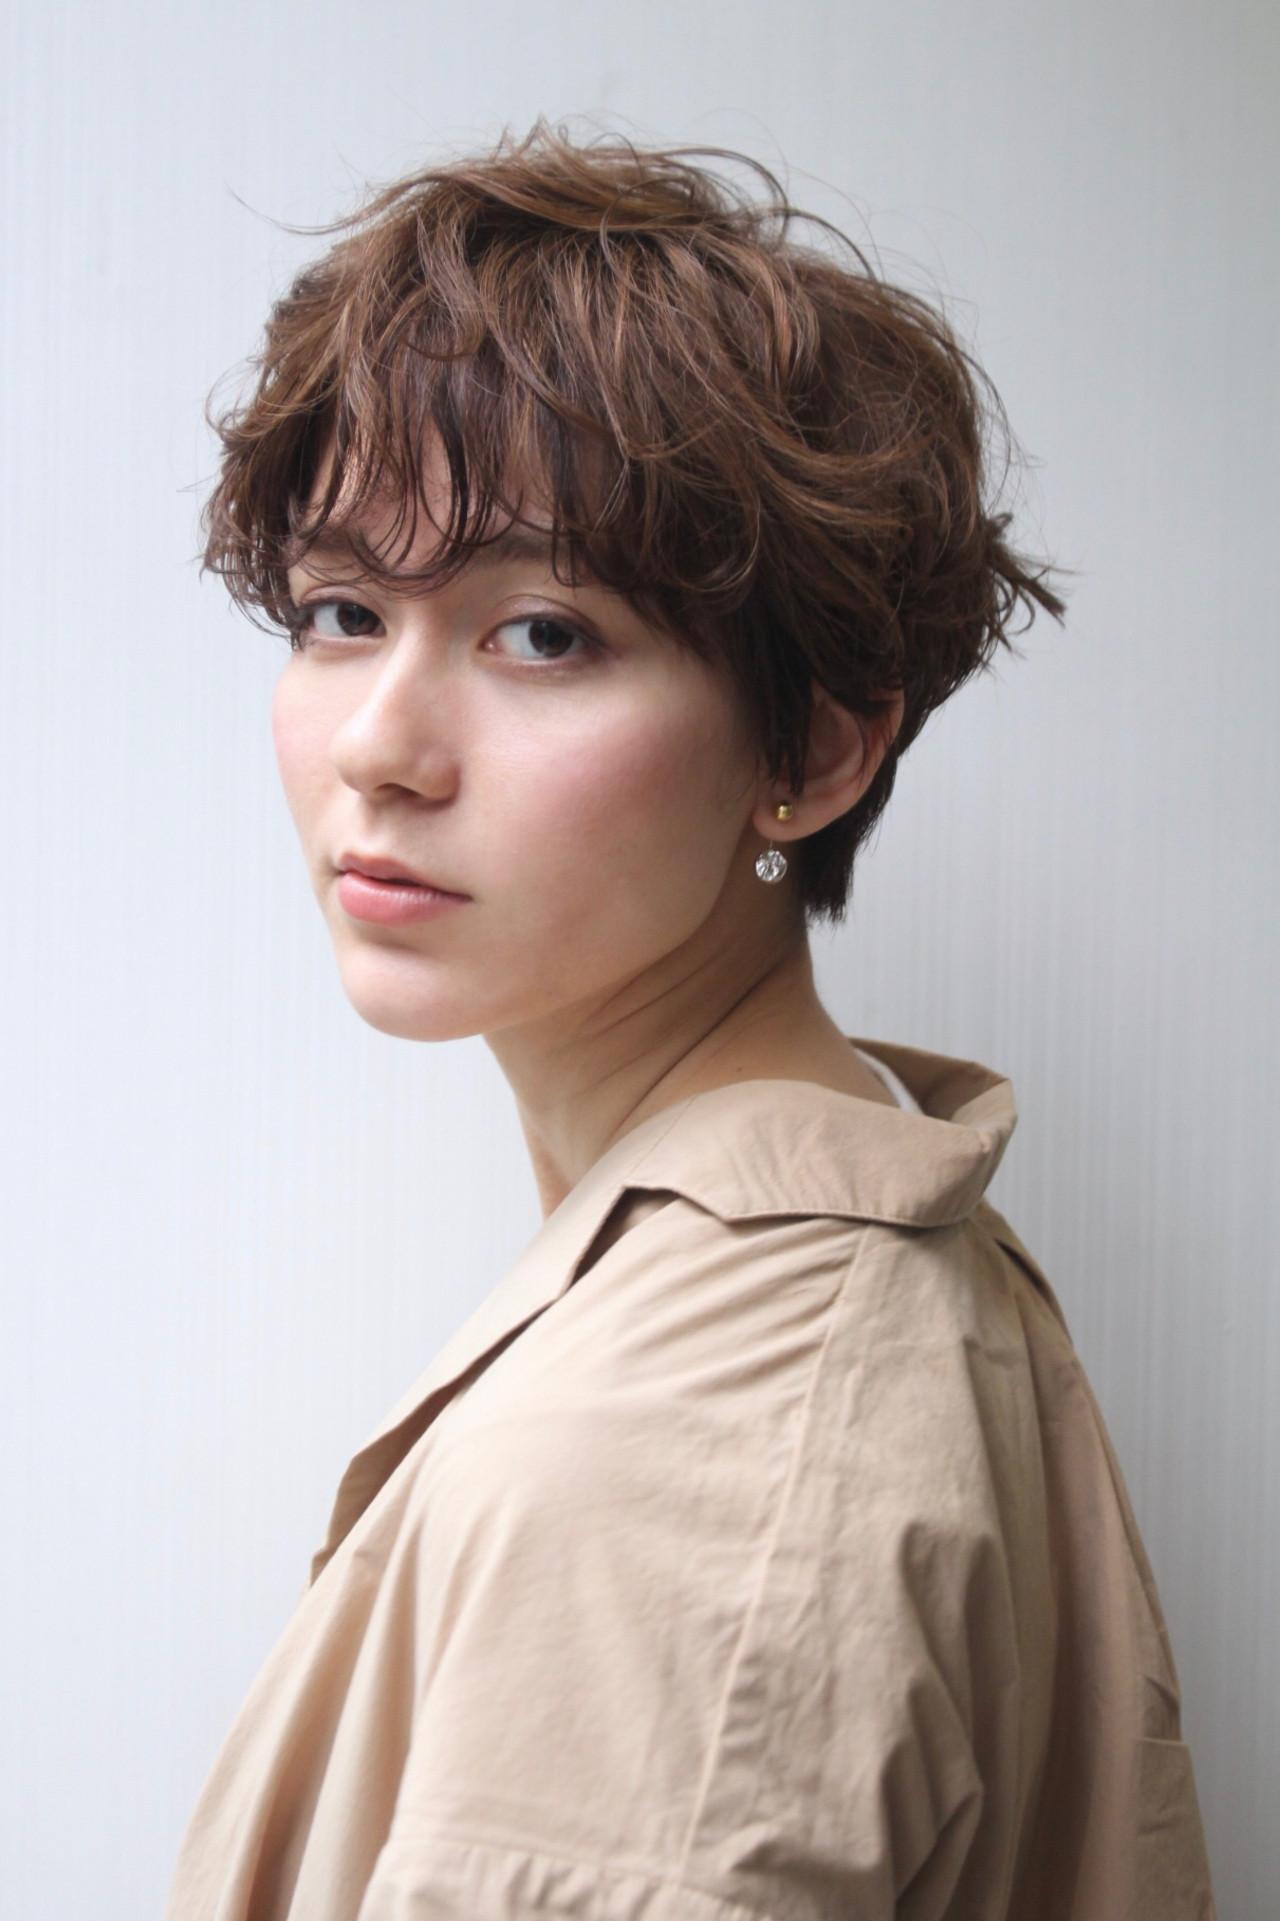 イマドキヘアは前髪もパーマでくるっと hayase (ヨシモトハヤセ)